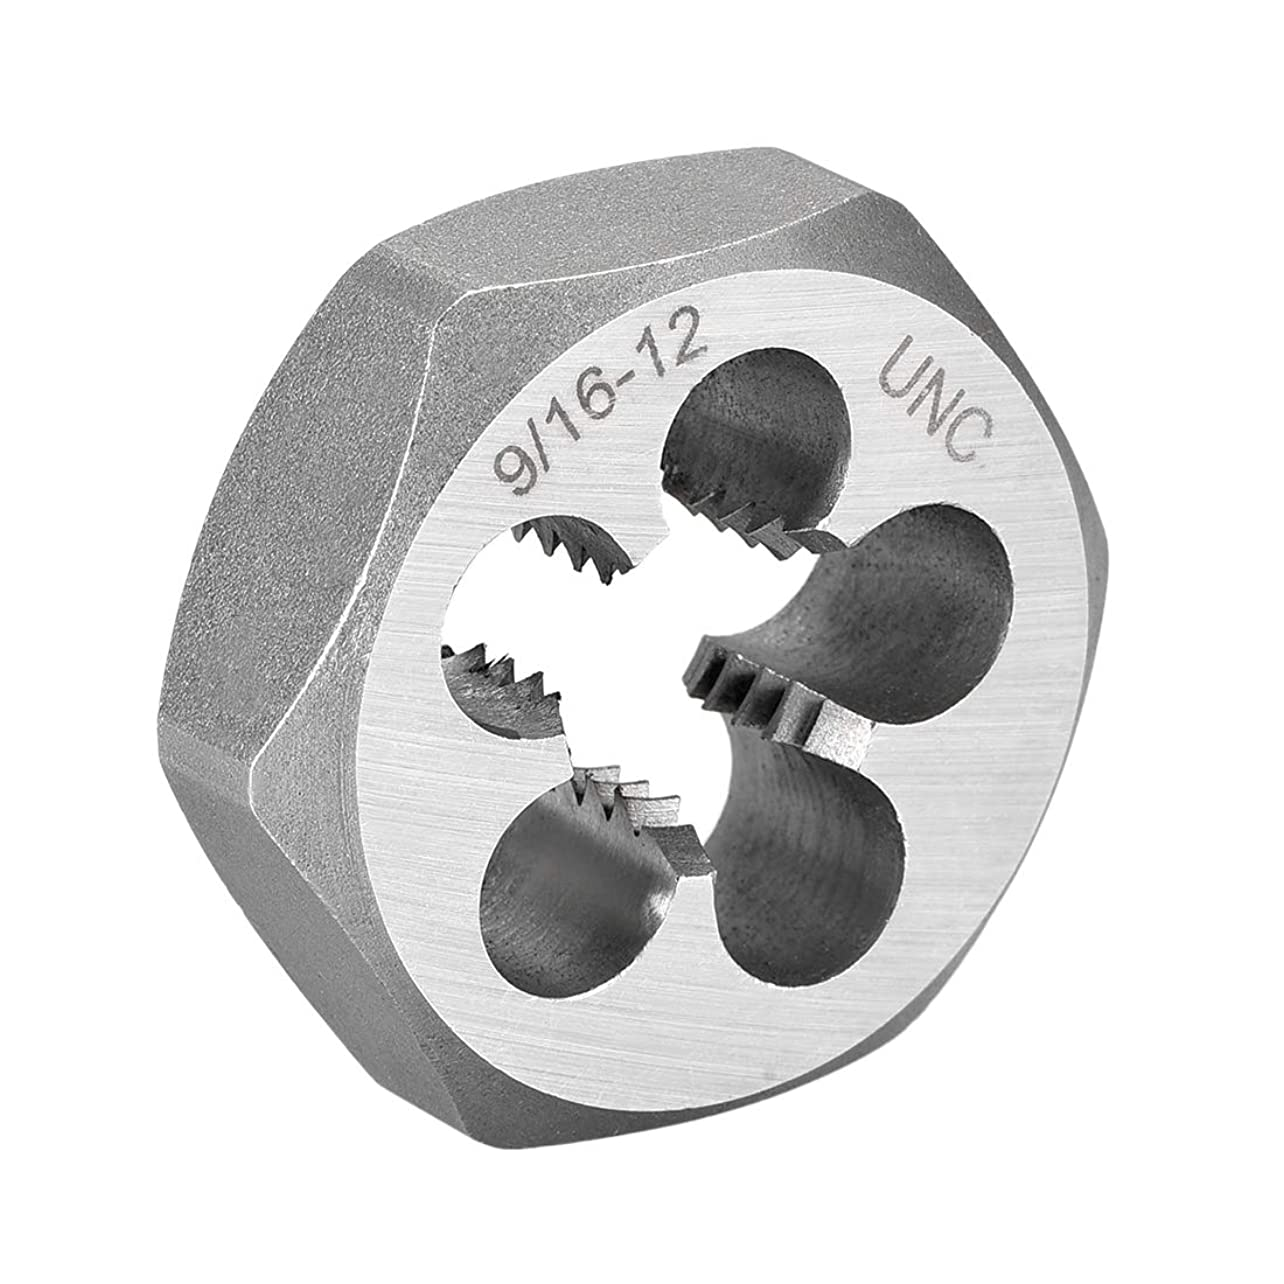 傾向暖かく感染するuxcell 六角スレッディングダイ マシンスレッドダイ UNC 9/16-12 炭素鋼 六角テーパーパイプ